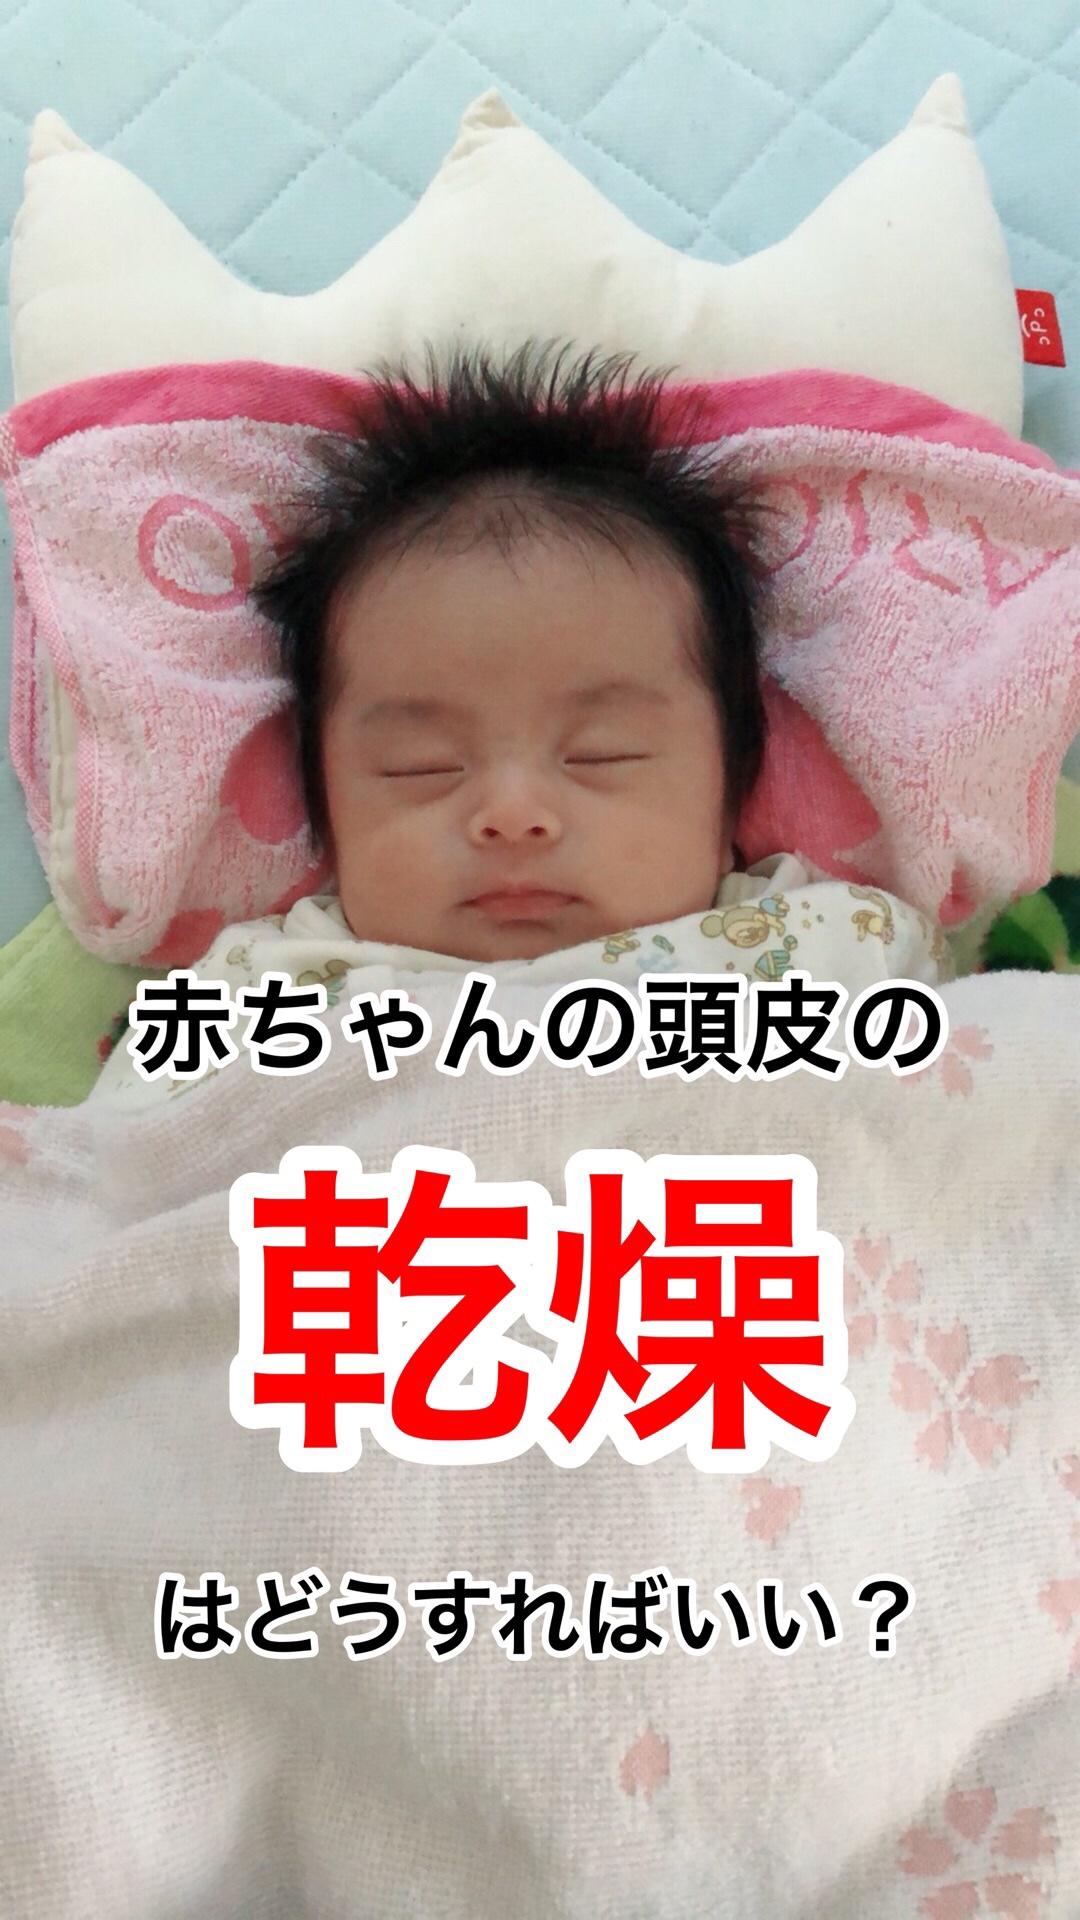 Baby scalp dry